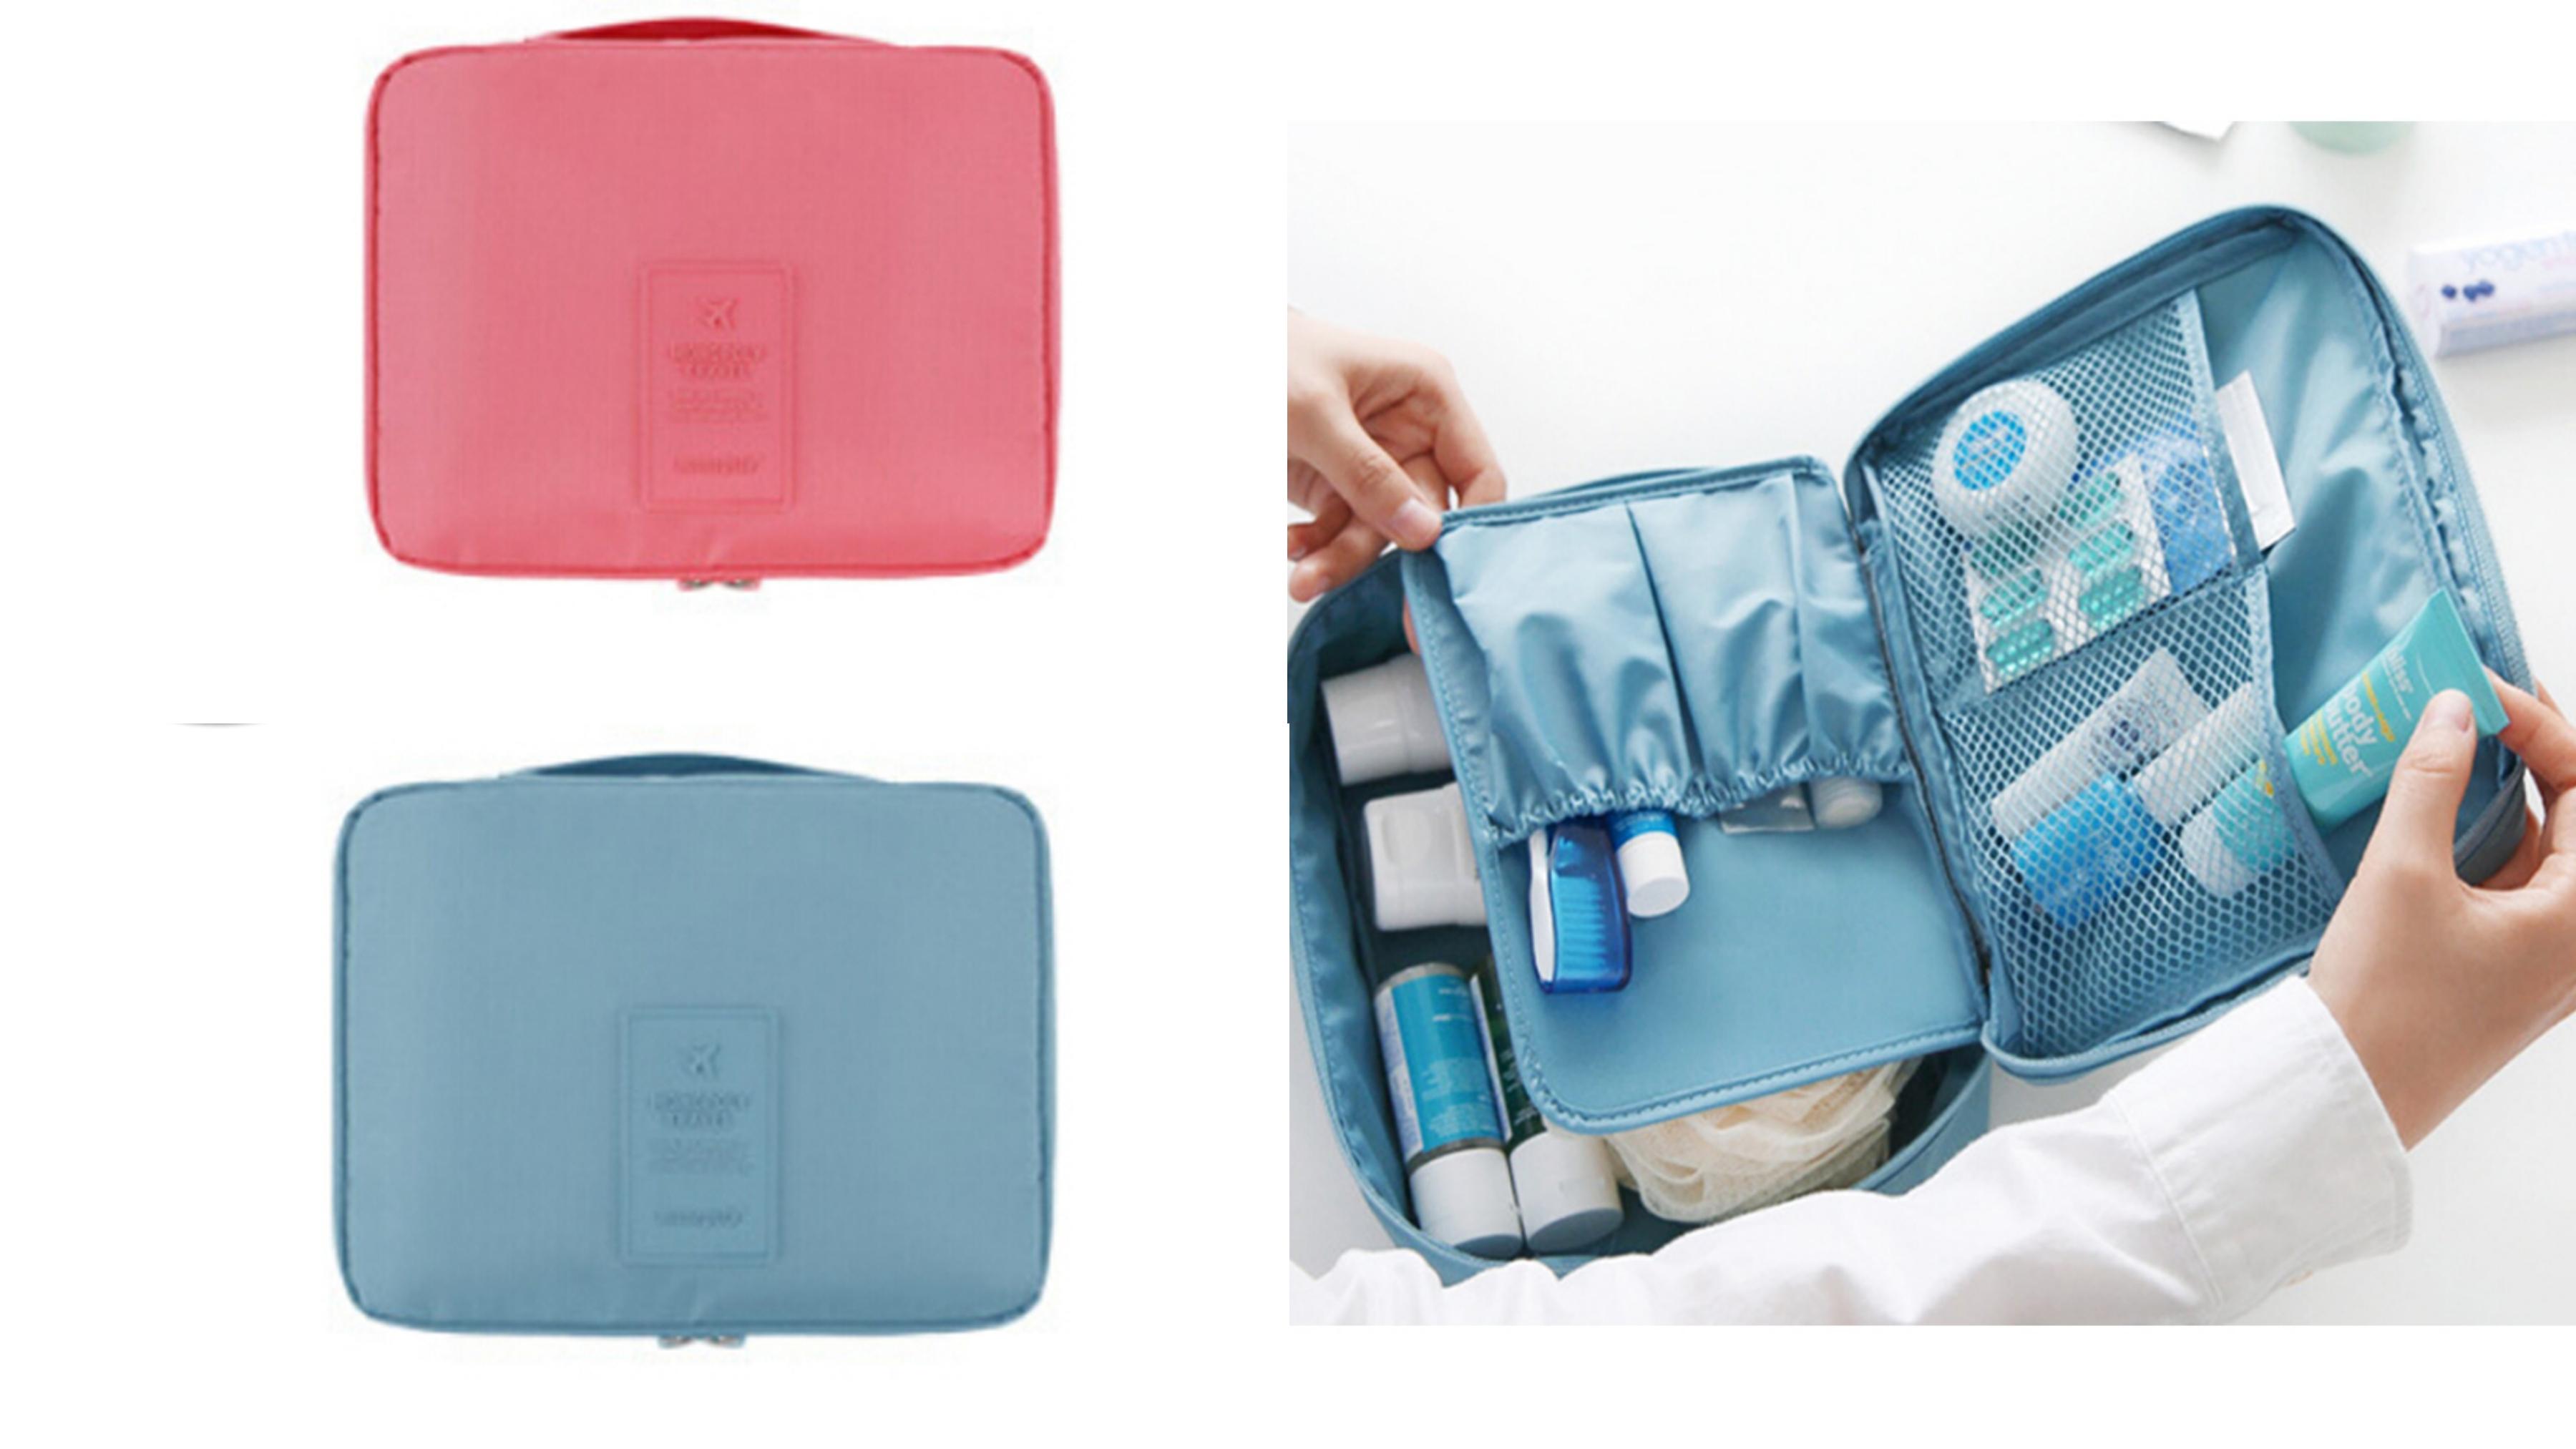 外出必備、行李收納的好幫手!防潑水材質設計,多個口袋可分類東西